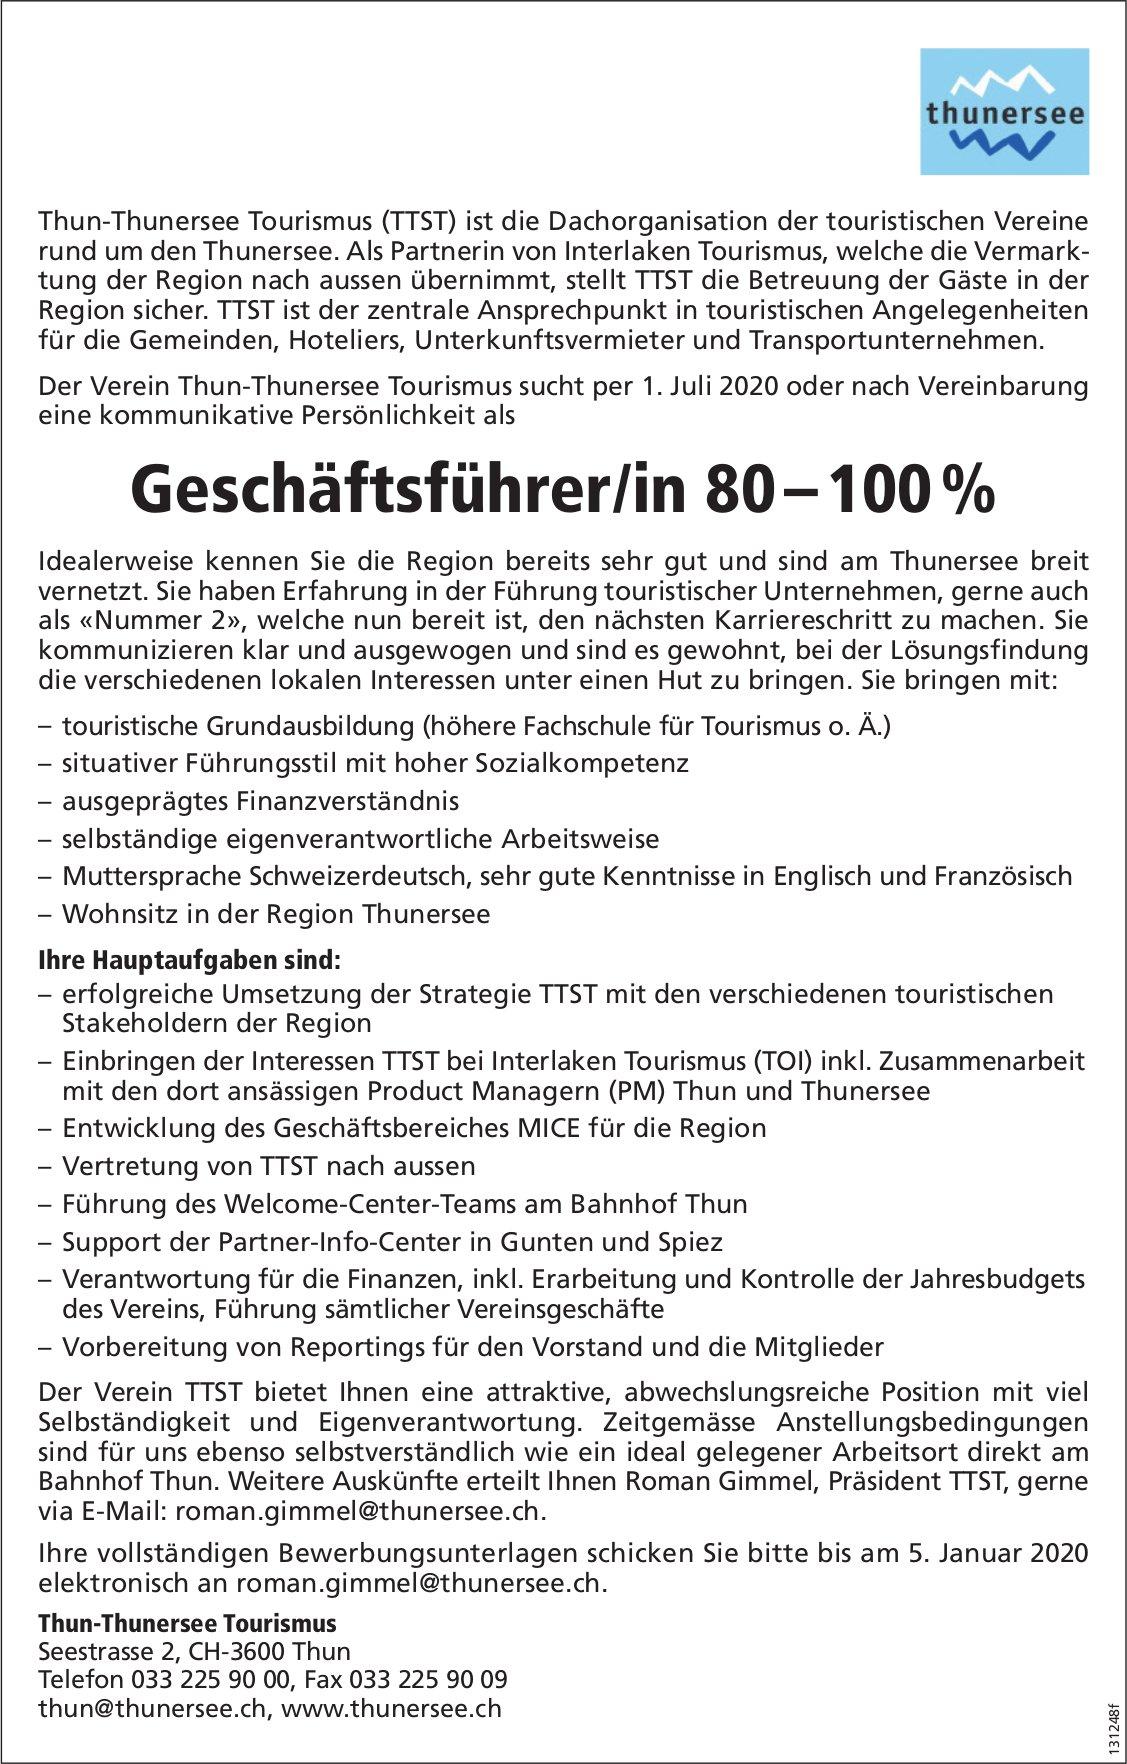 Geschäftsführer/in 80 – 100%, Thun-Thunersee Tourismus, gesucht